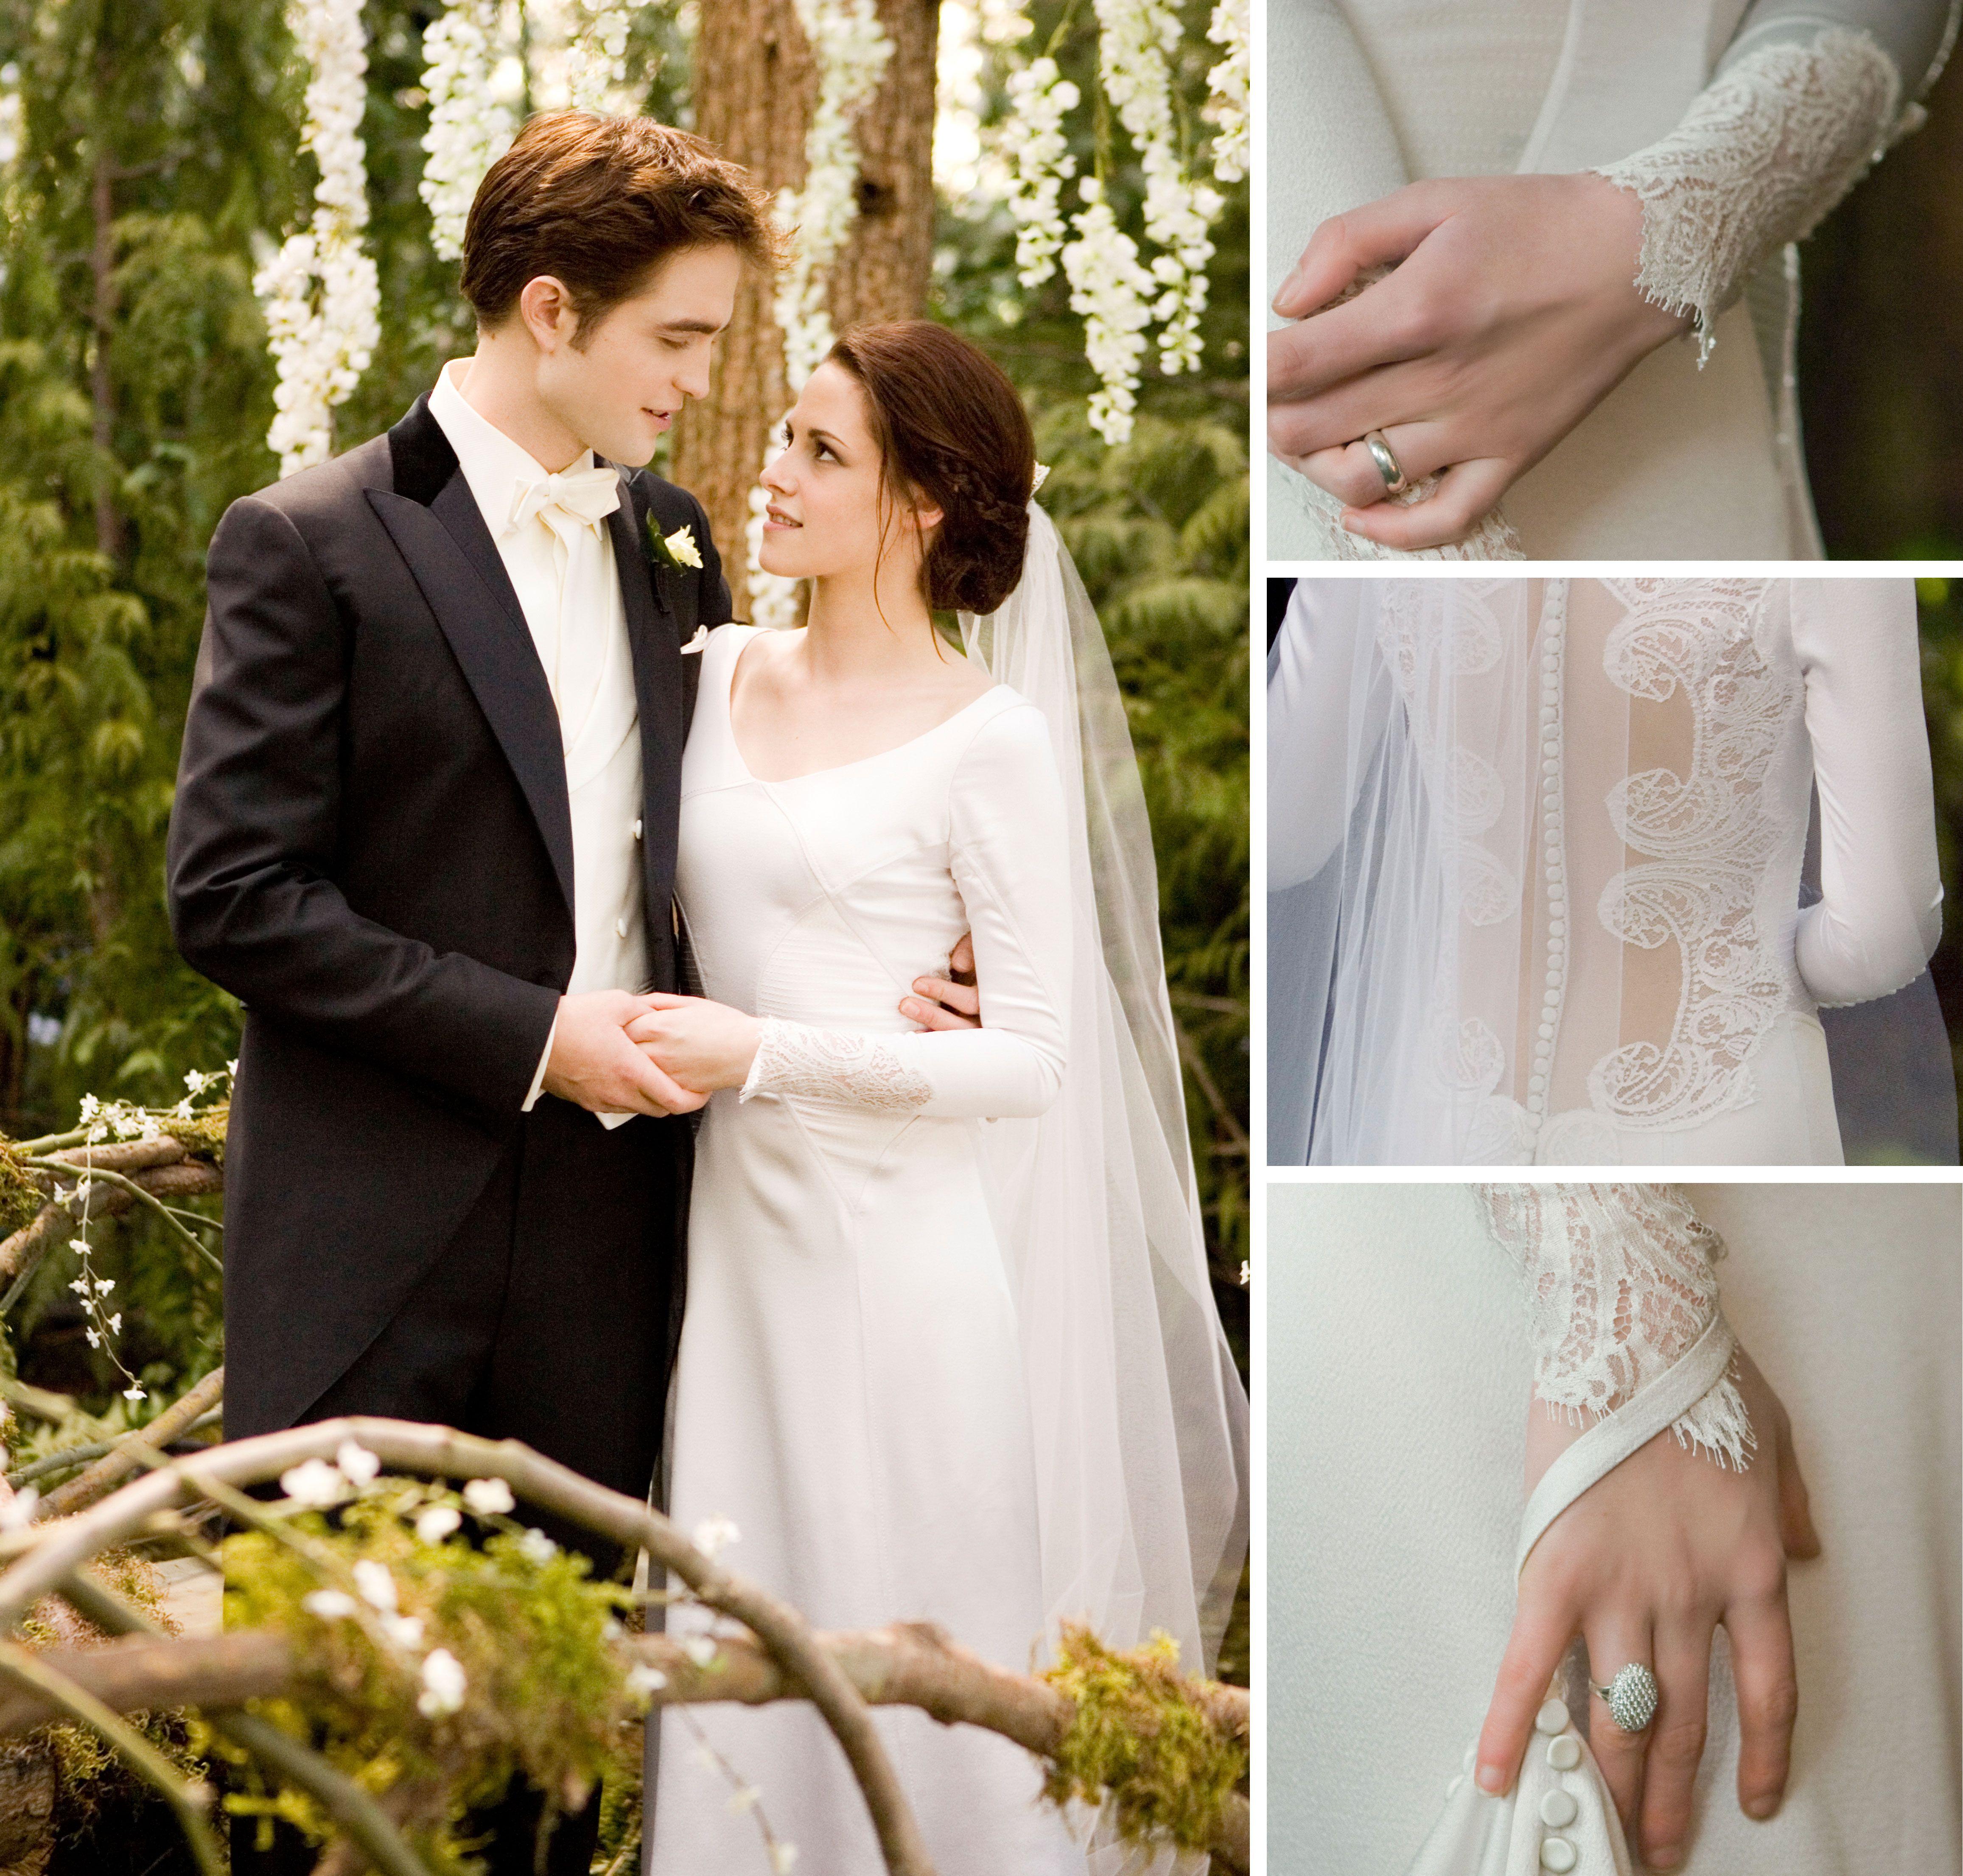 Bella's wedding dress in breaking dawn  Twilight EDWAARDDDDDD BELLAAAAA  k  Pinterest  Weddings and Recipes